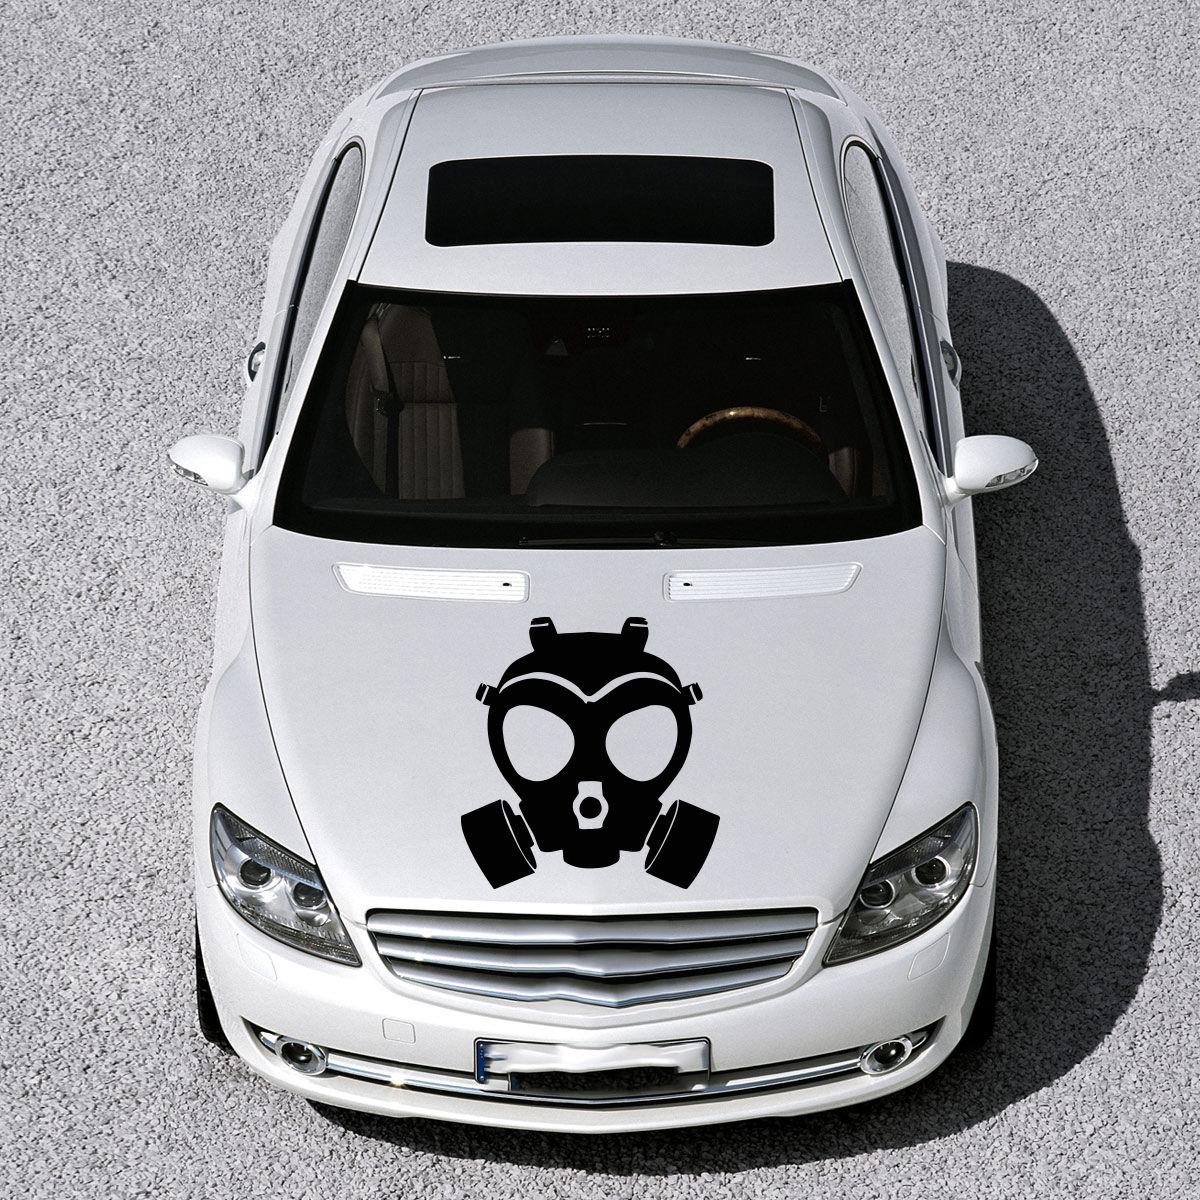 Car sticker design jb - Gas Mask Monster Art Murals Design Hood Car Vinyl Sticker Decals Sv1001 China Mainland